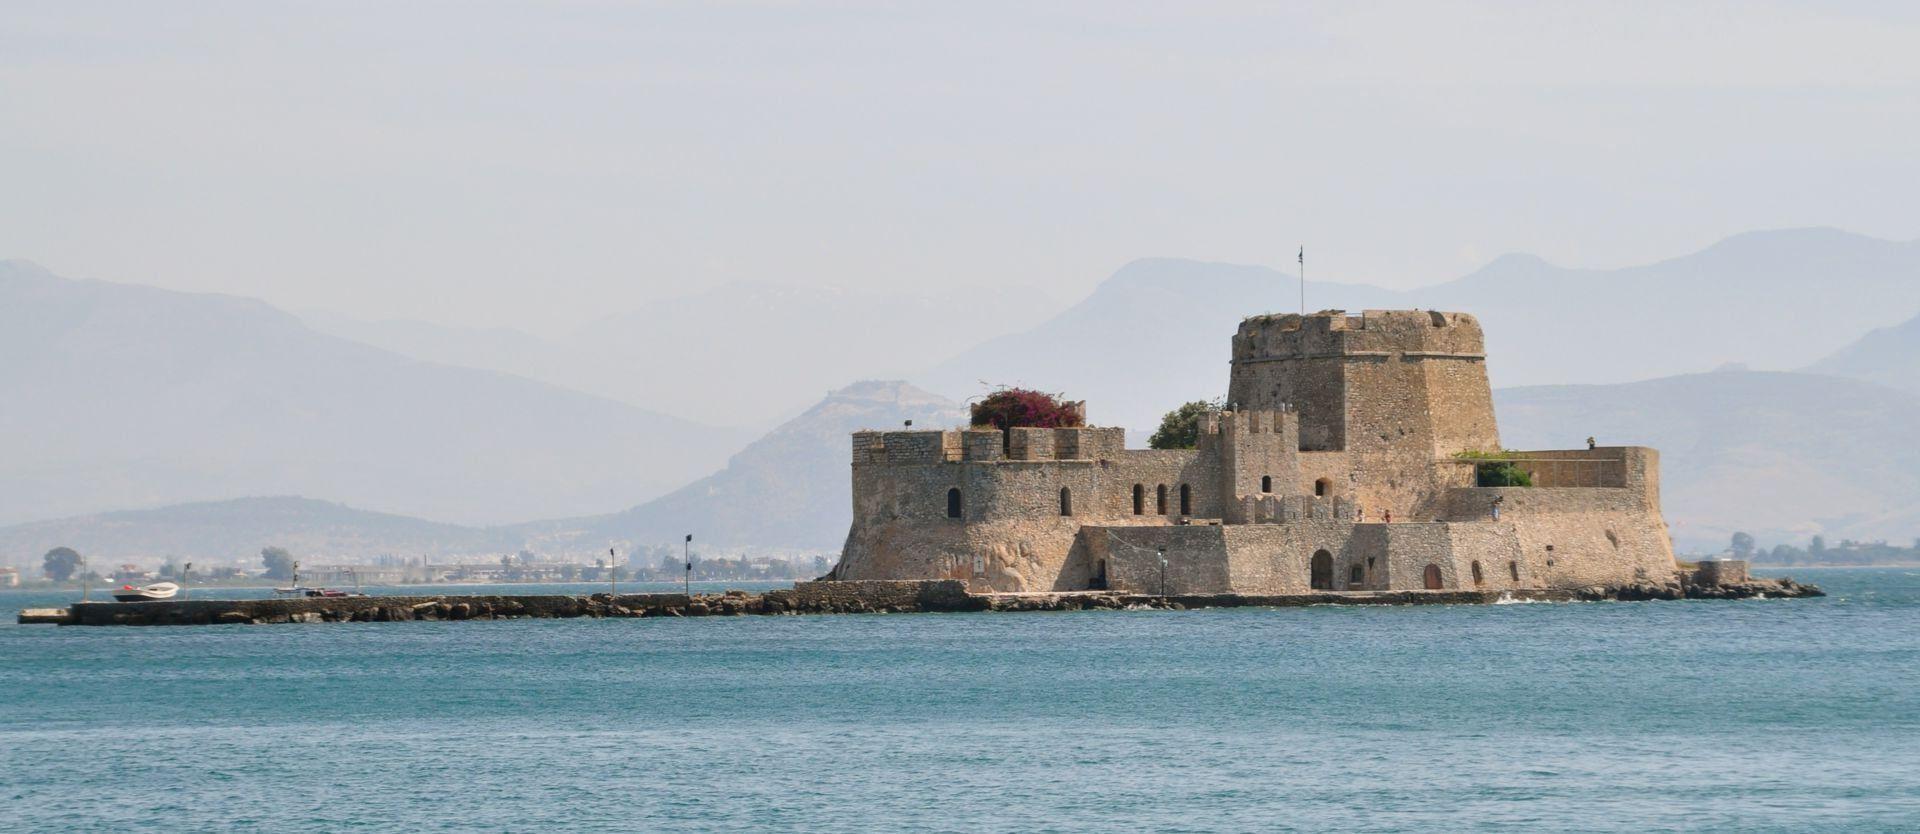 bourdzi-island-fortress-nafplion